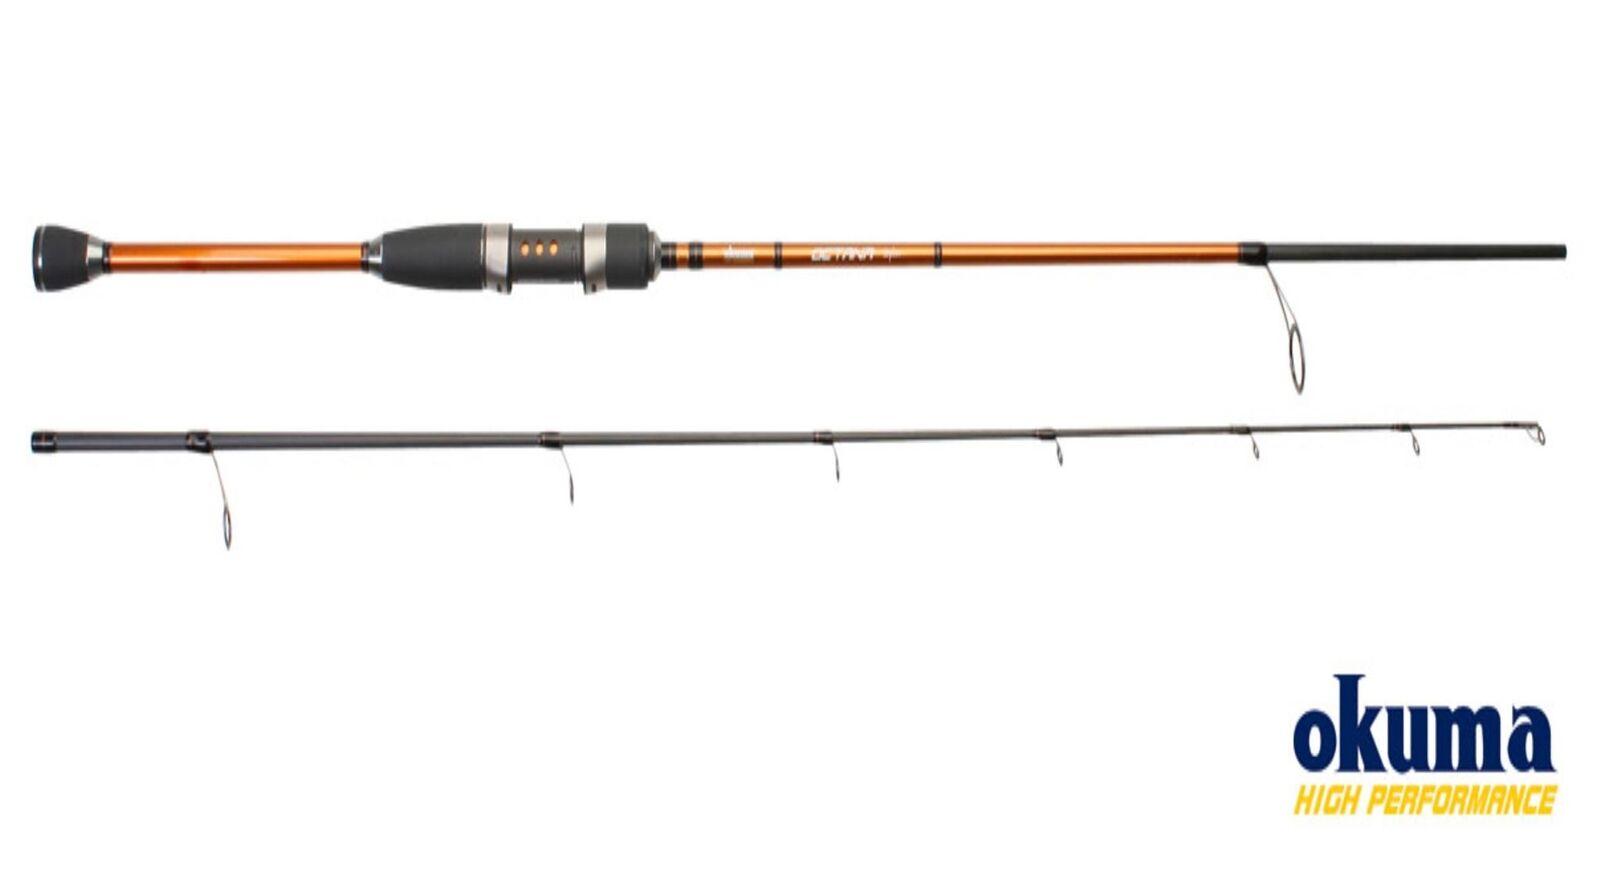 Okuma Octana rossoatorio 36t Carbonio Canna da Pesca 1.95m  2.10m Peso di Lancio